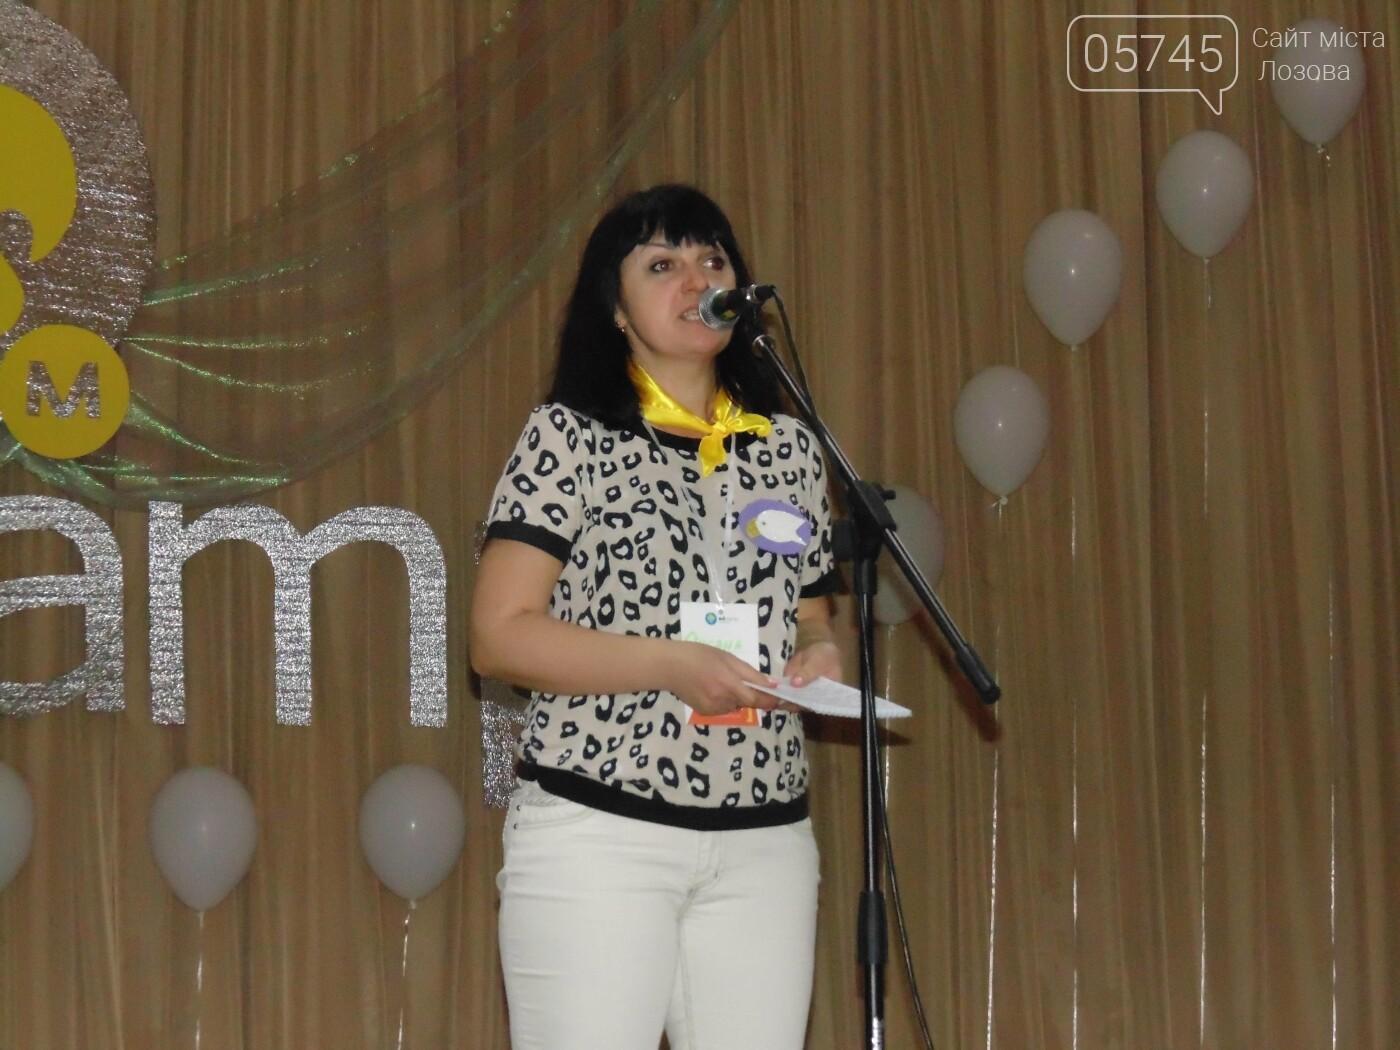 Нові ідеї та рекорд Лозівщини: у Панютинському ліцеї пройшла (не) конференція EdCamp, фото-18